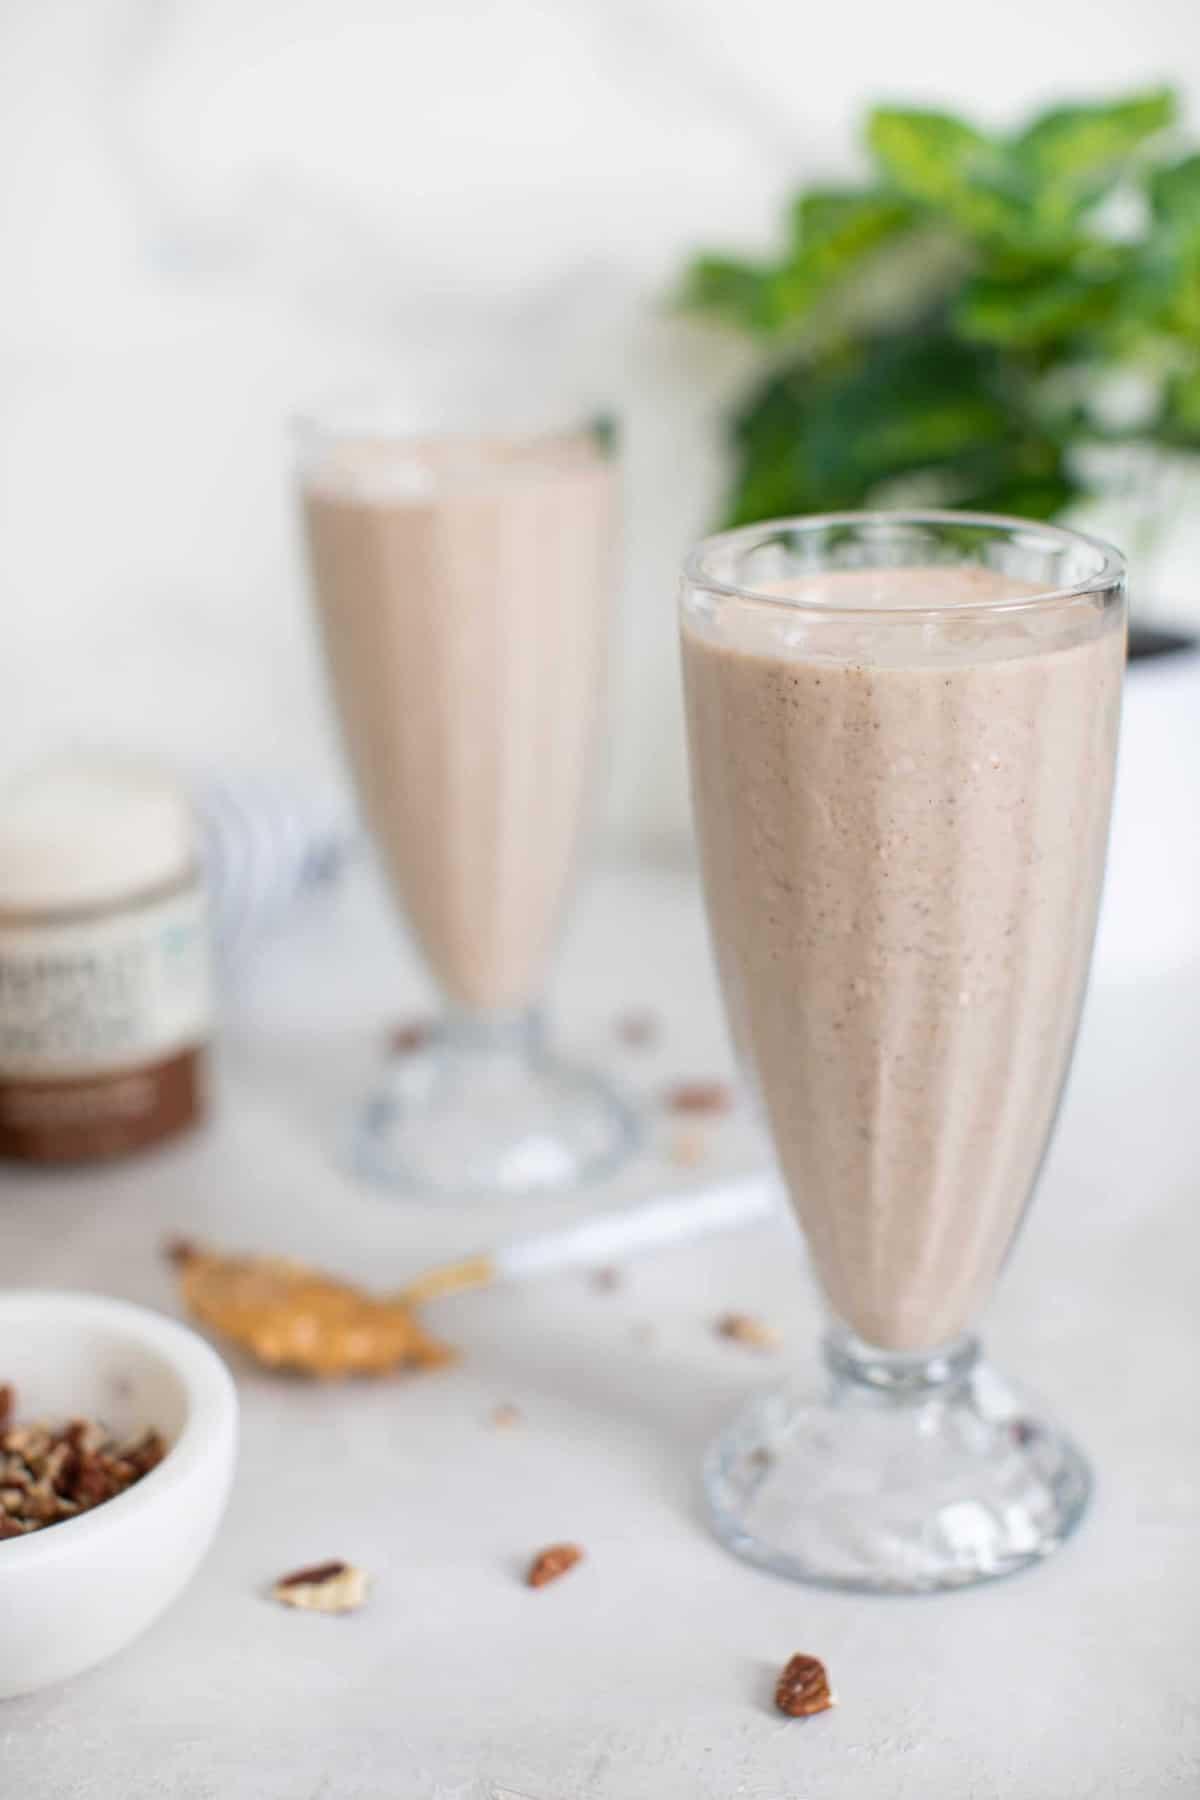 Vegan Peanut Butter + Pecan Milkshake